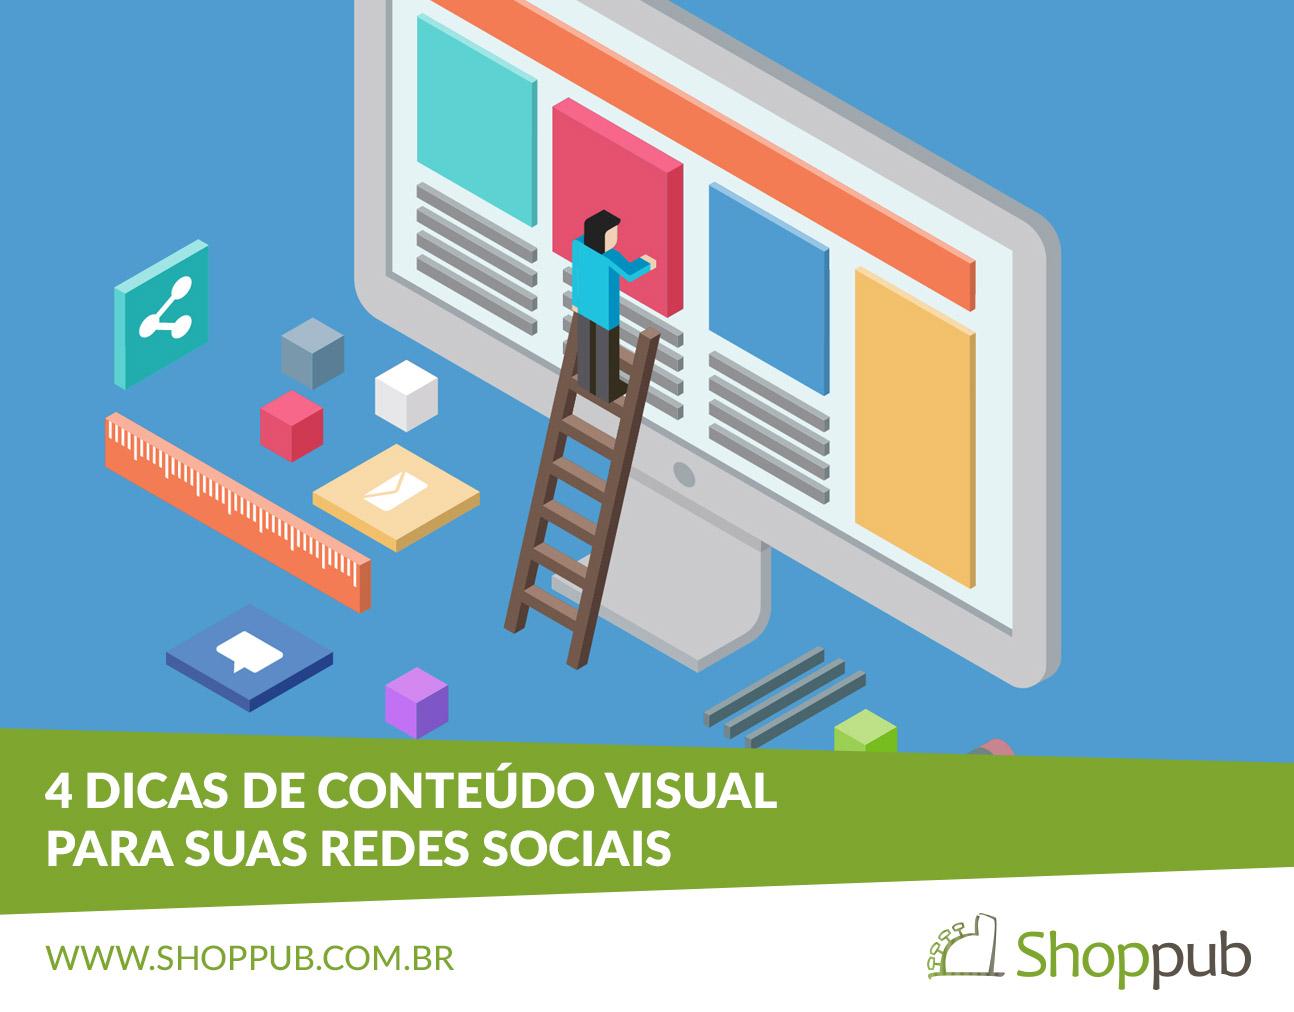 4 dicas de conteúdo visual para suas redes sociais